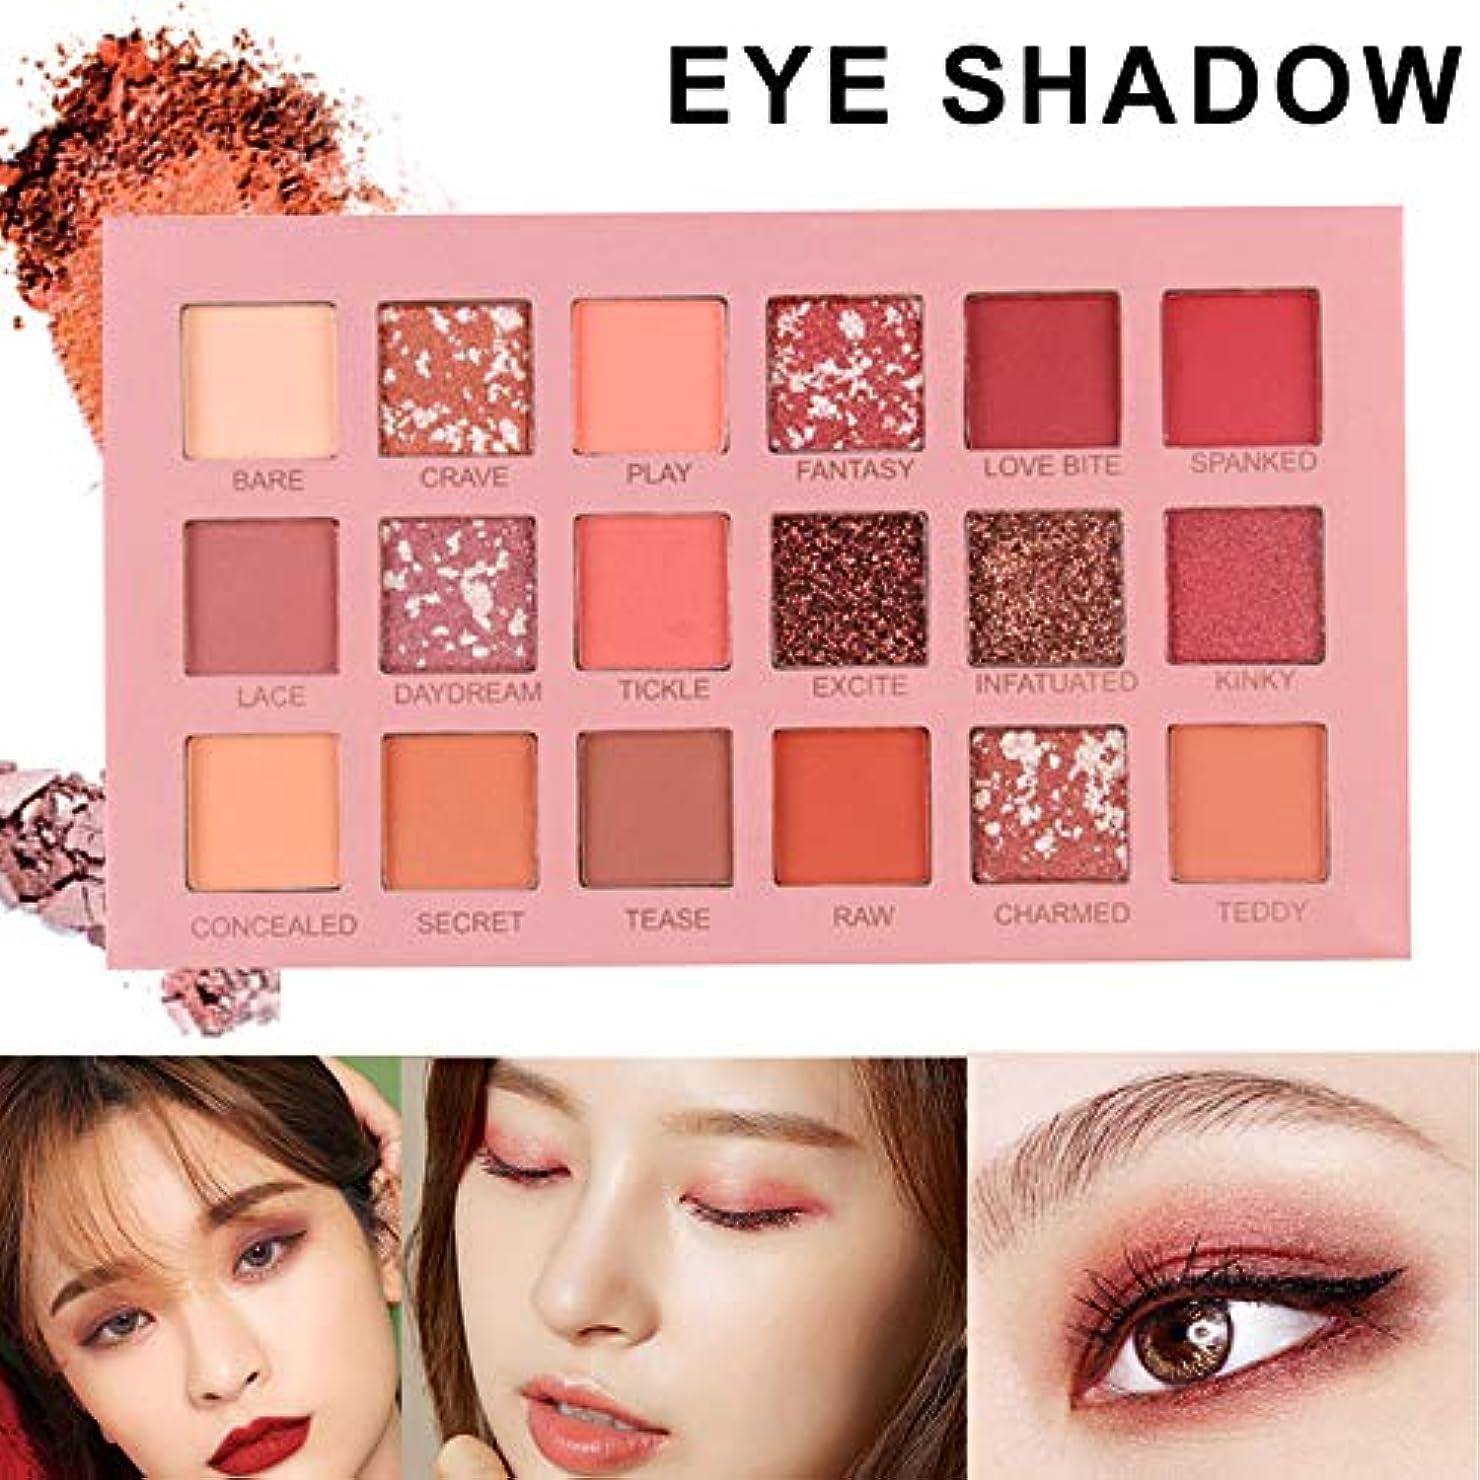 絶対に拡声器スムーズにhownnery 18 colors Shining Matte Eyeshadow Pearlescent Waterproof Smog Eye Shadow Palette